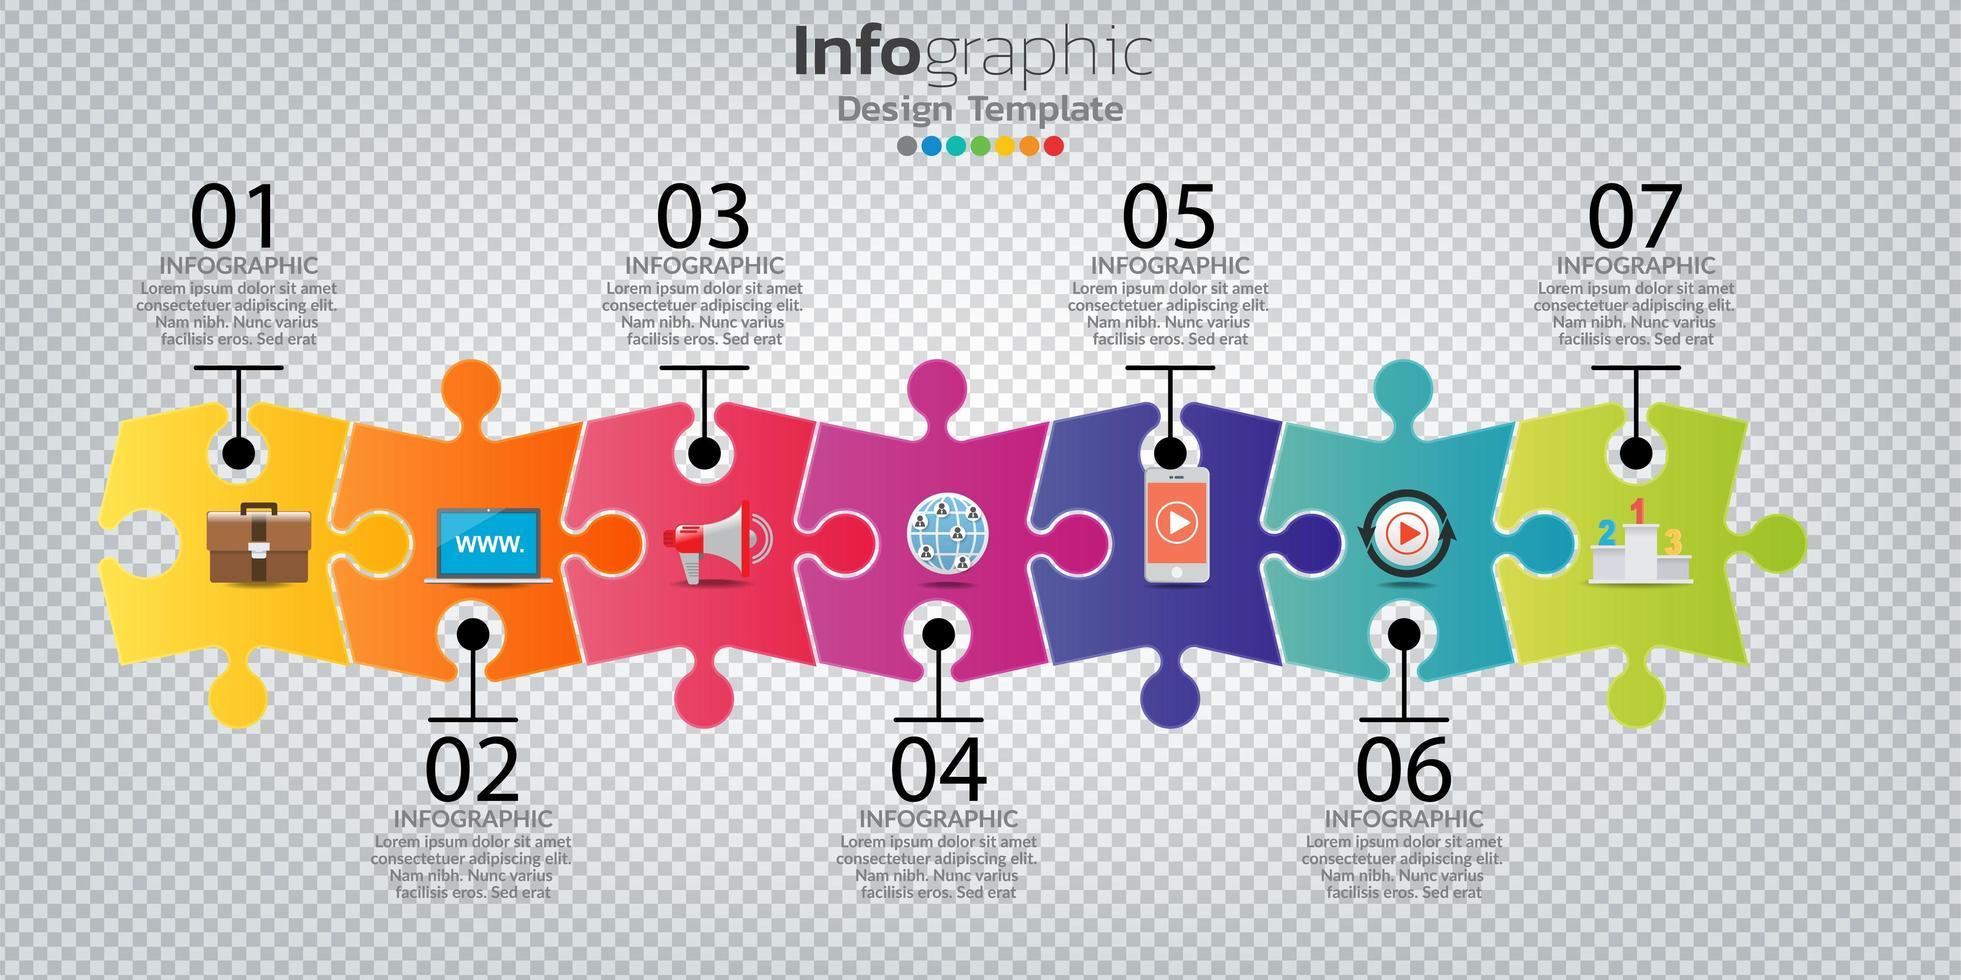 infographie dans le concept de puzzle d & # 39; entreprise avec 7 options, étapes ou processus. vecteur